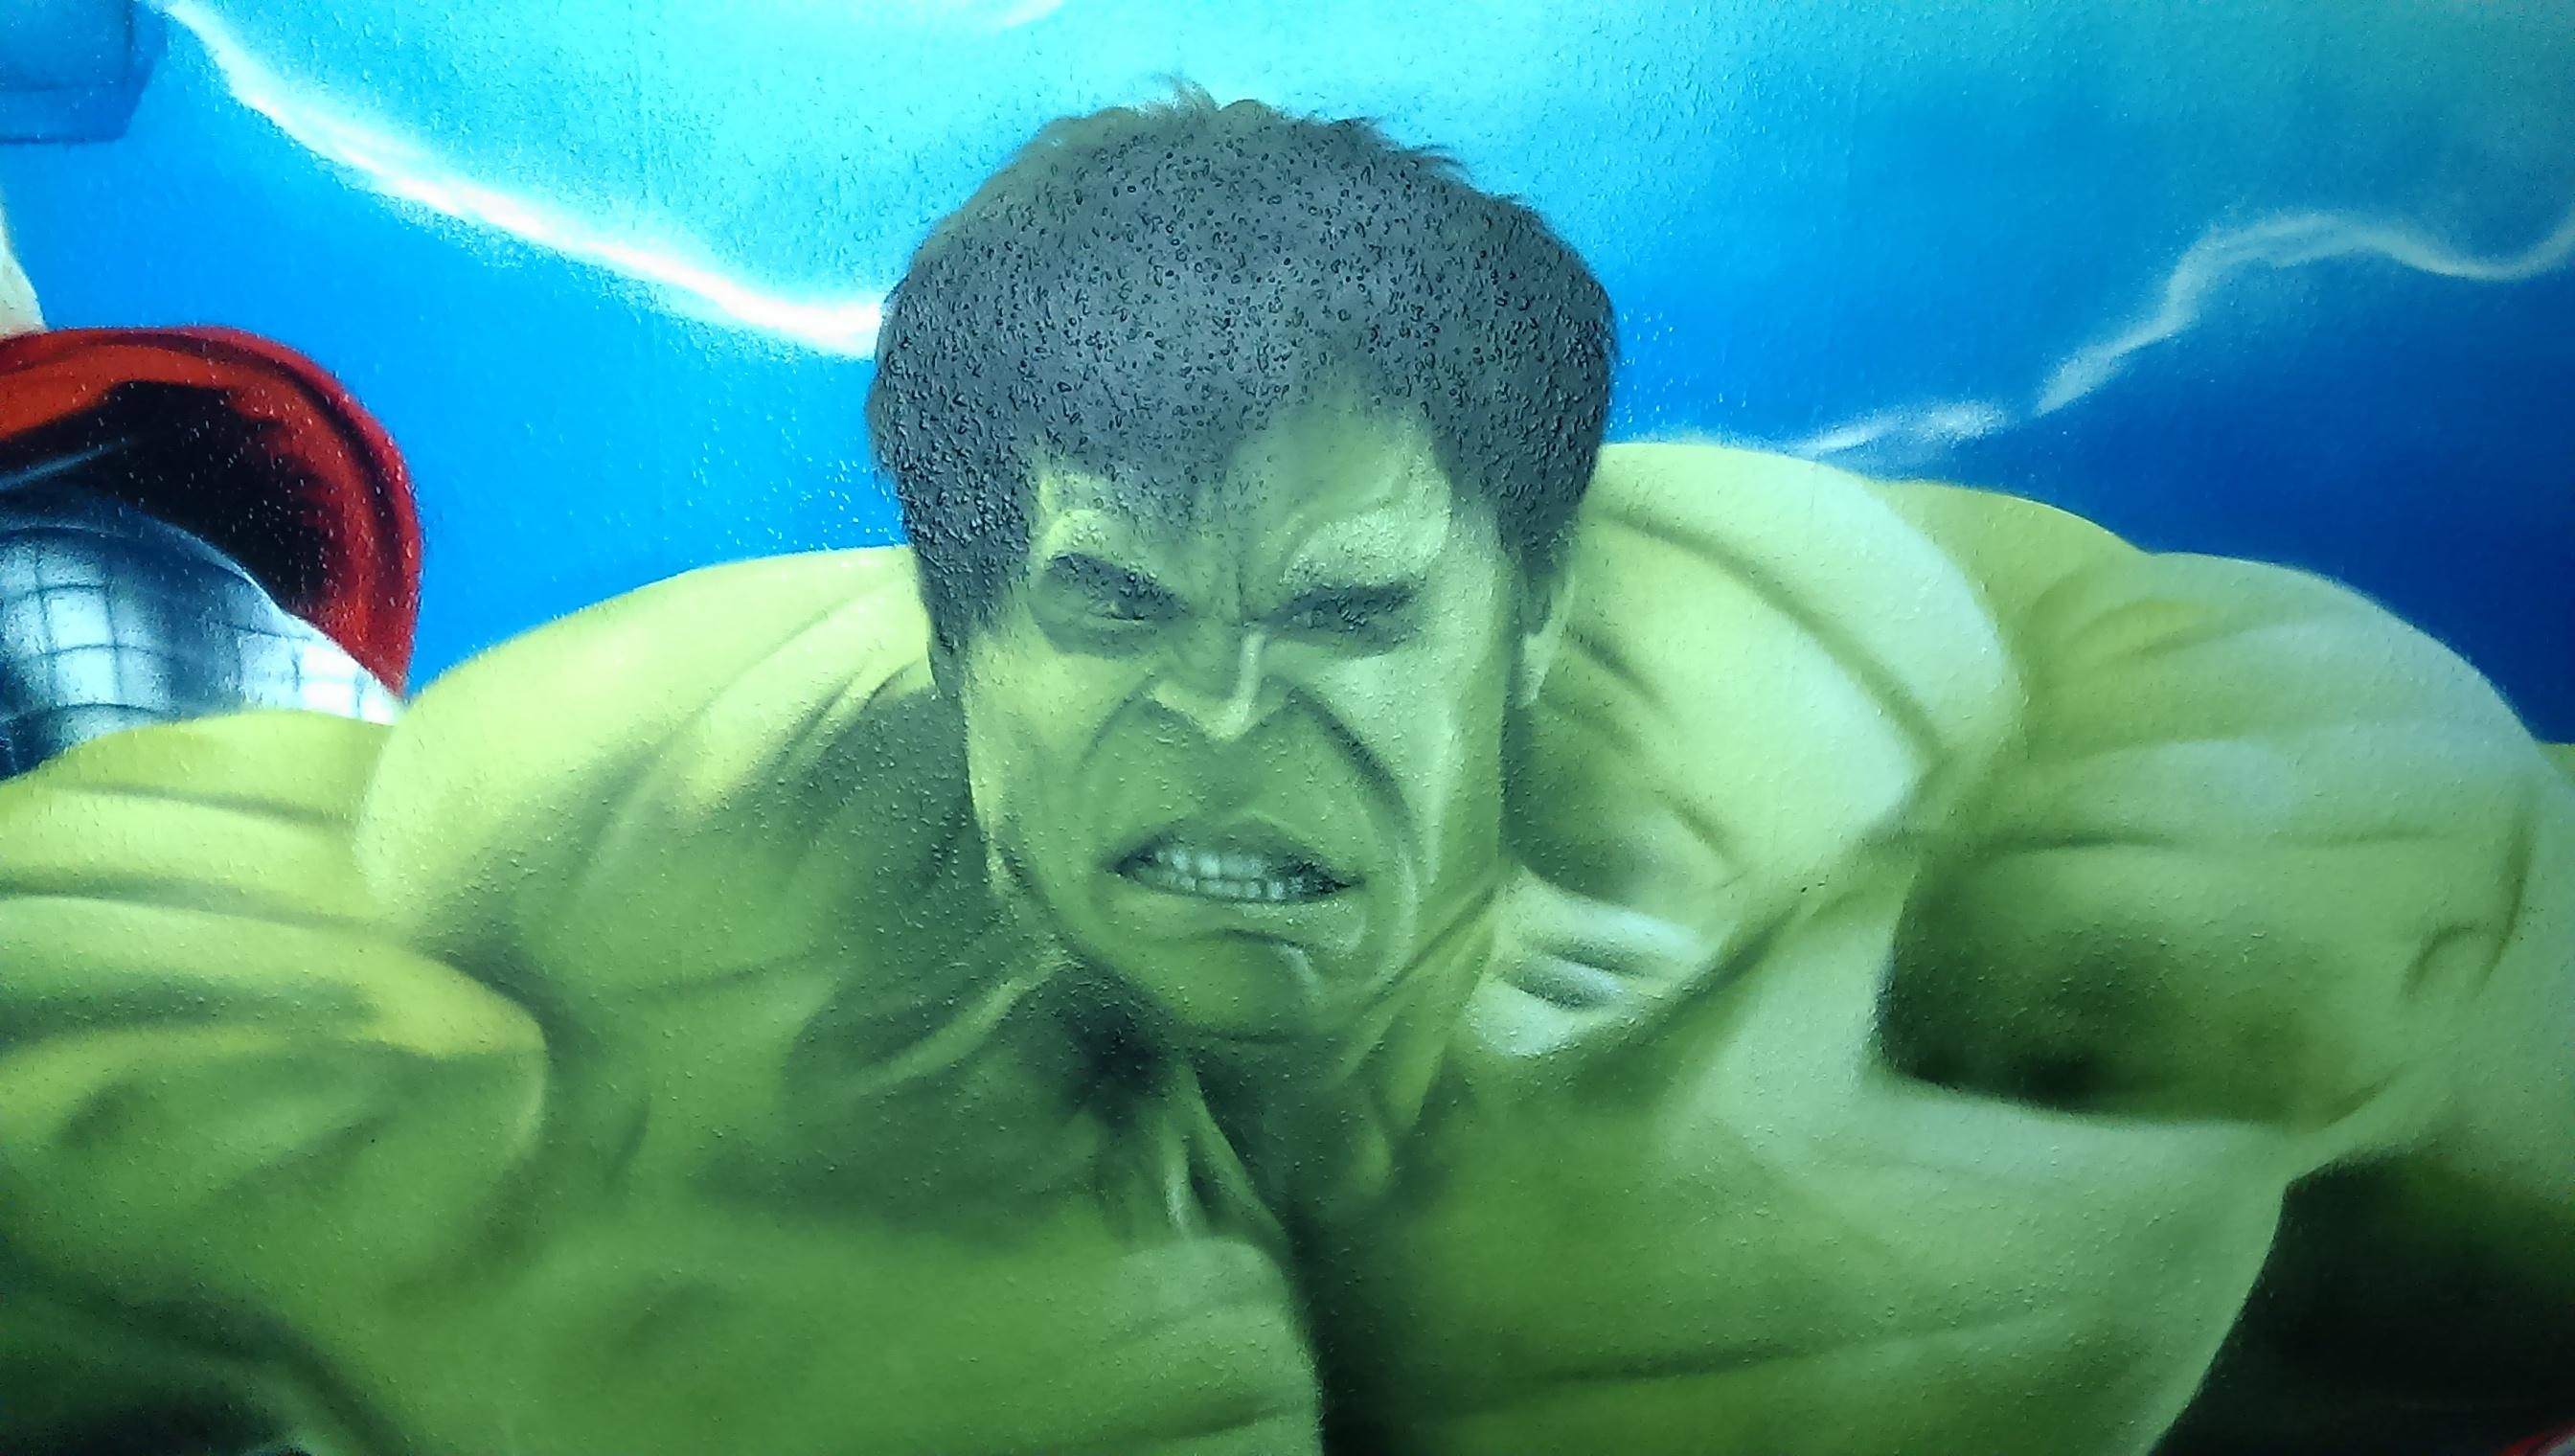 Graffiti Hulk